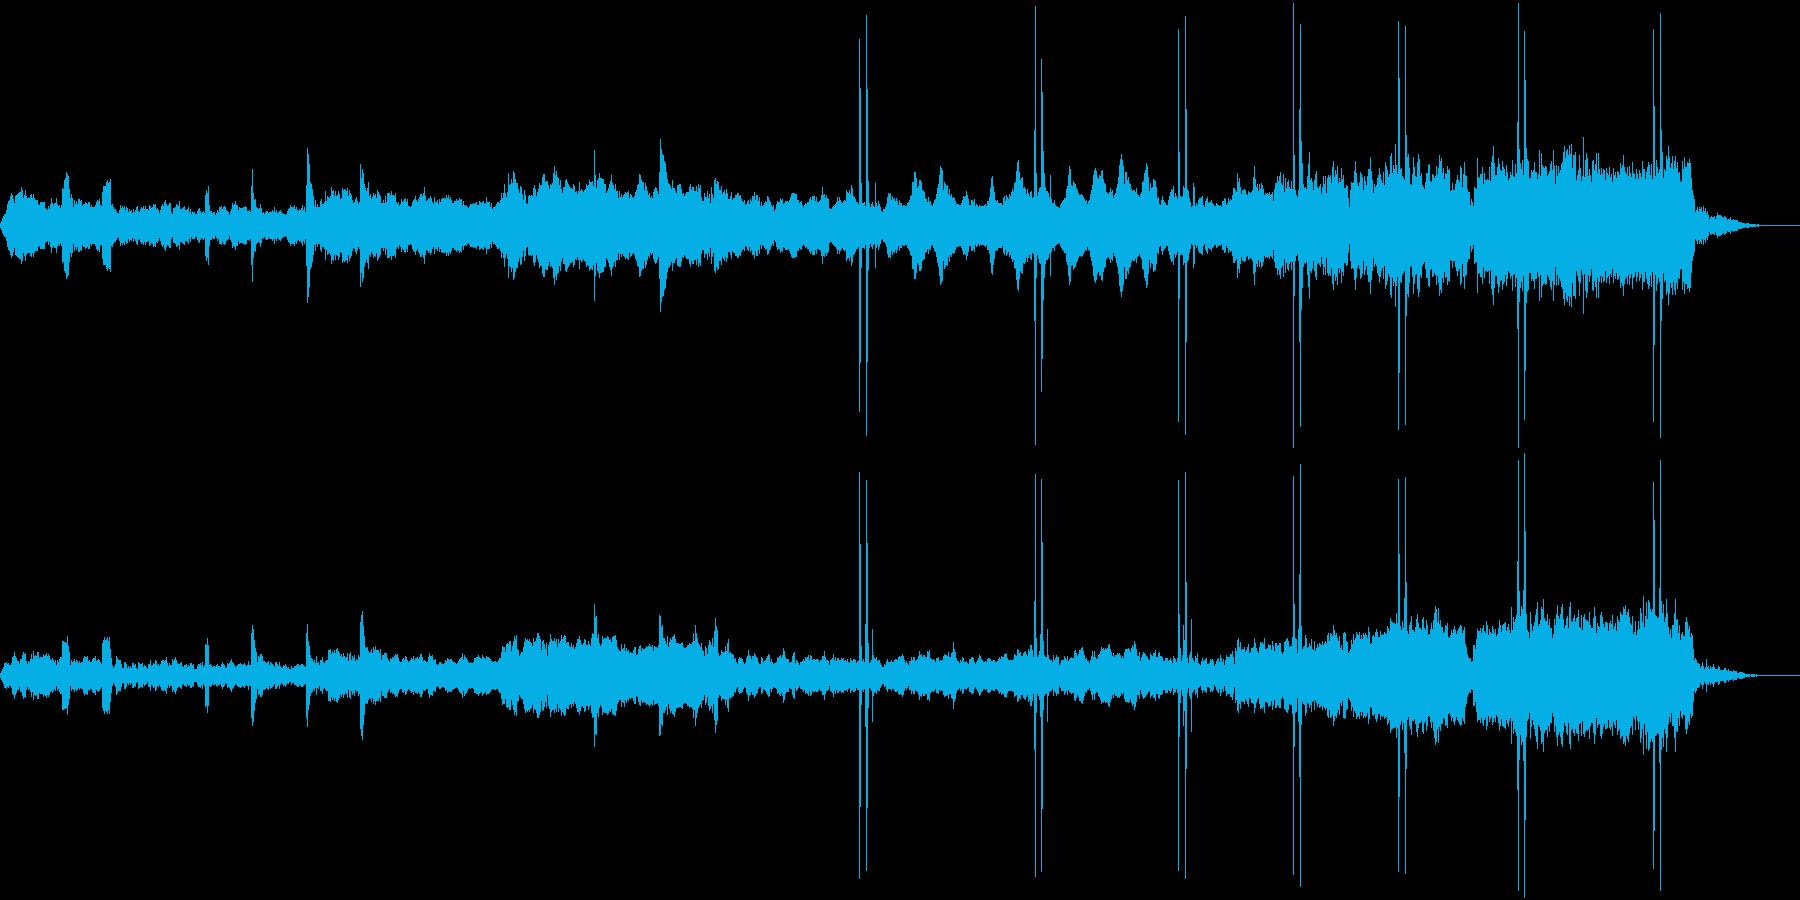 映画ブレードランナー風ダークなBGMの再生済みの波形